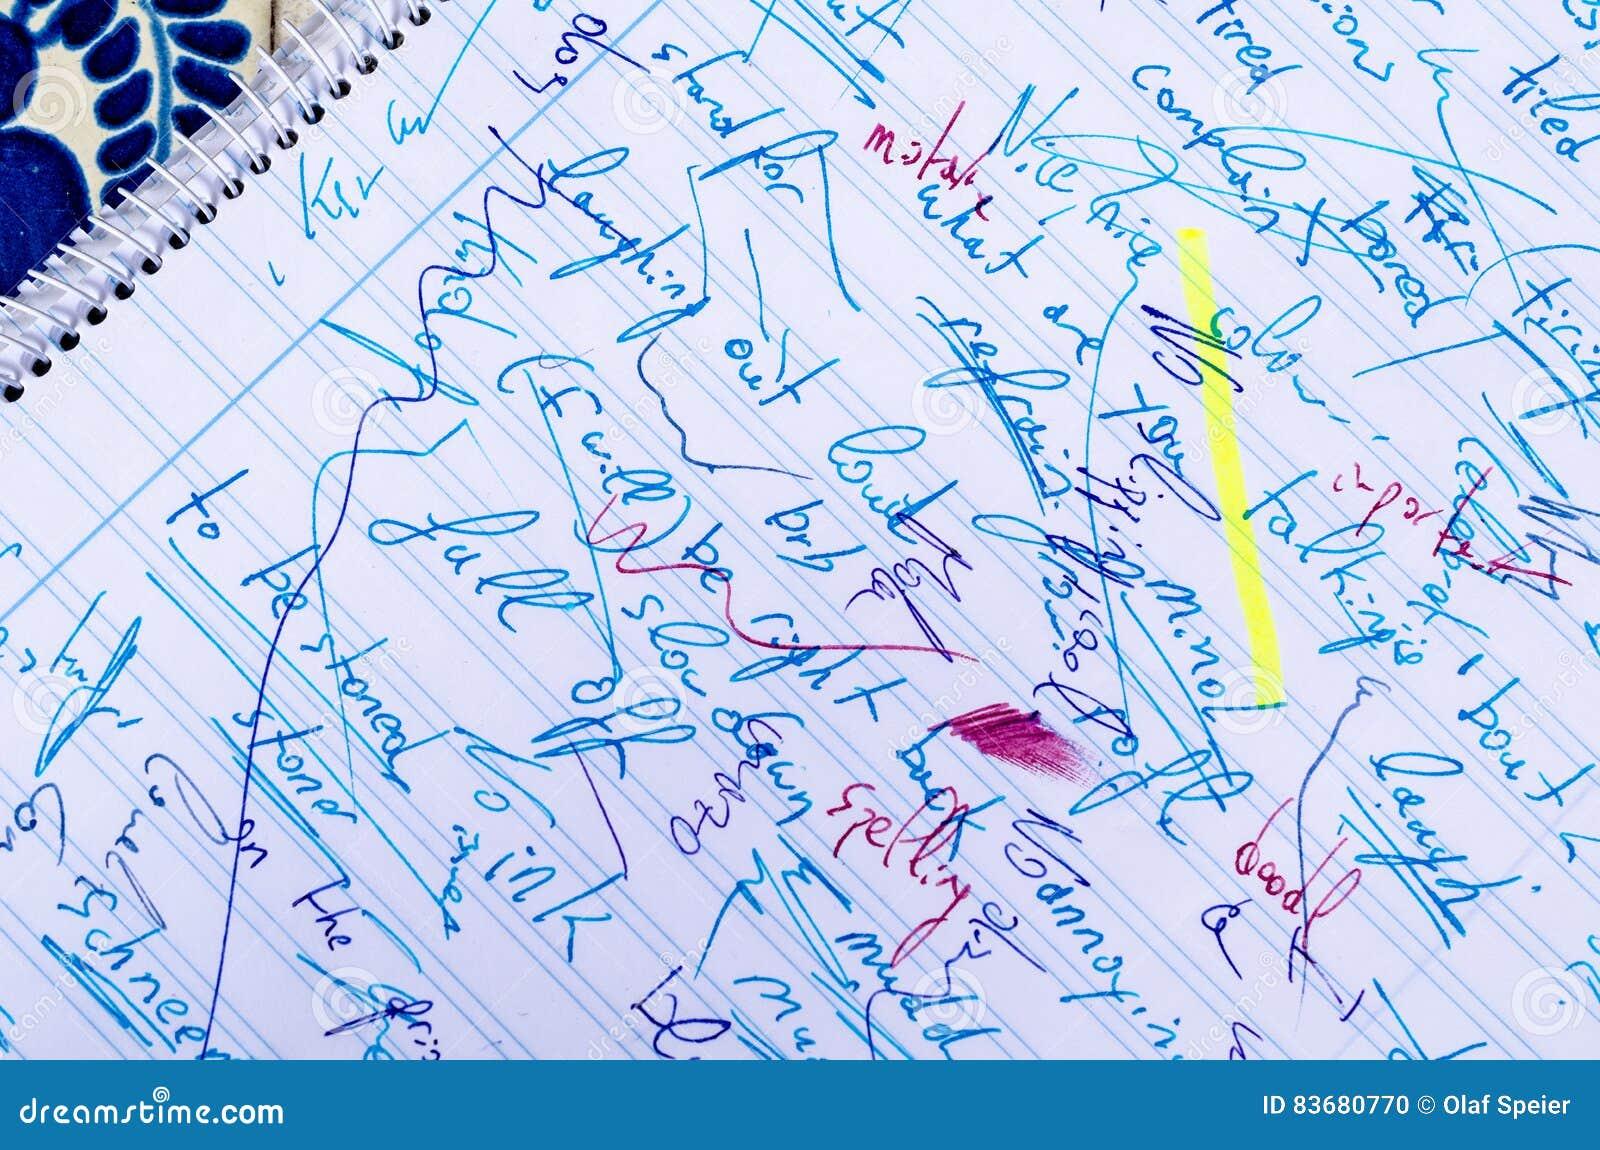 Scribbling on Horizontal Writing Paper